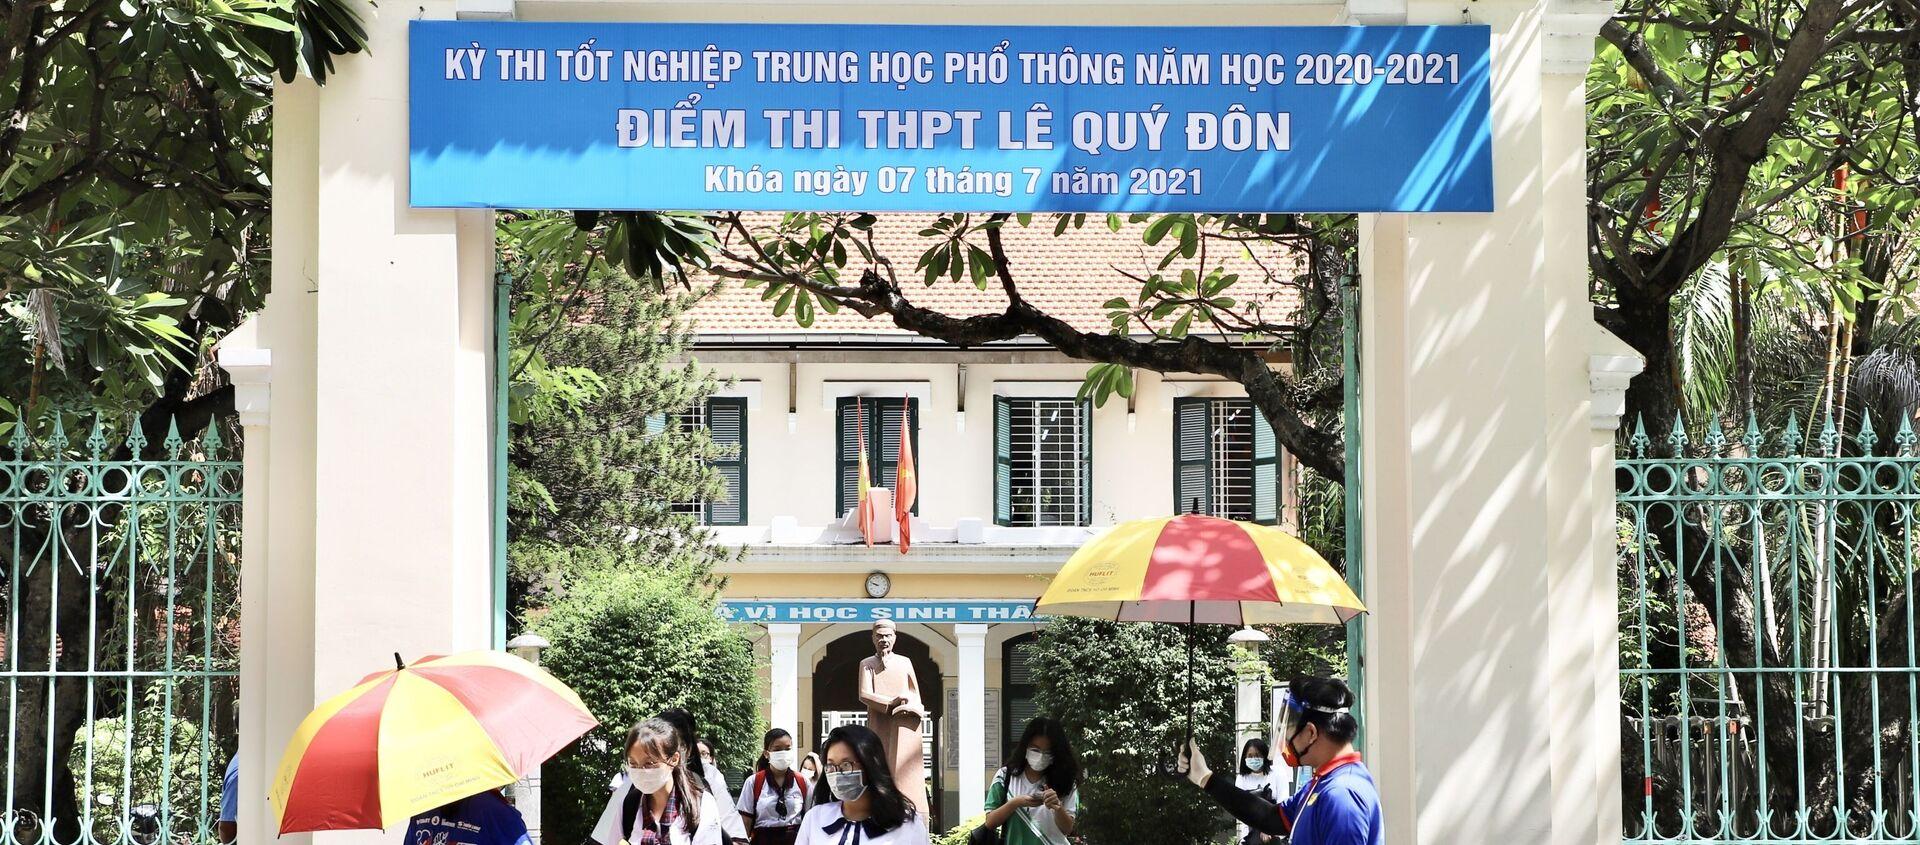 Thí sinh ra về tại điểm thi trường THPT Lê Quý Đôn (quận 3, TP.HCM) - Sputnik Việt Nam, 1920, 26.07.2021